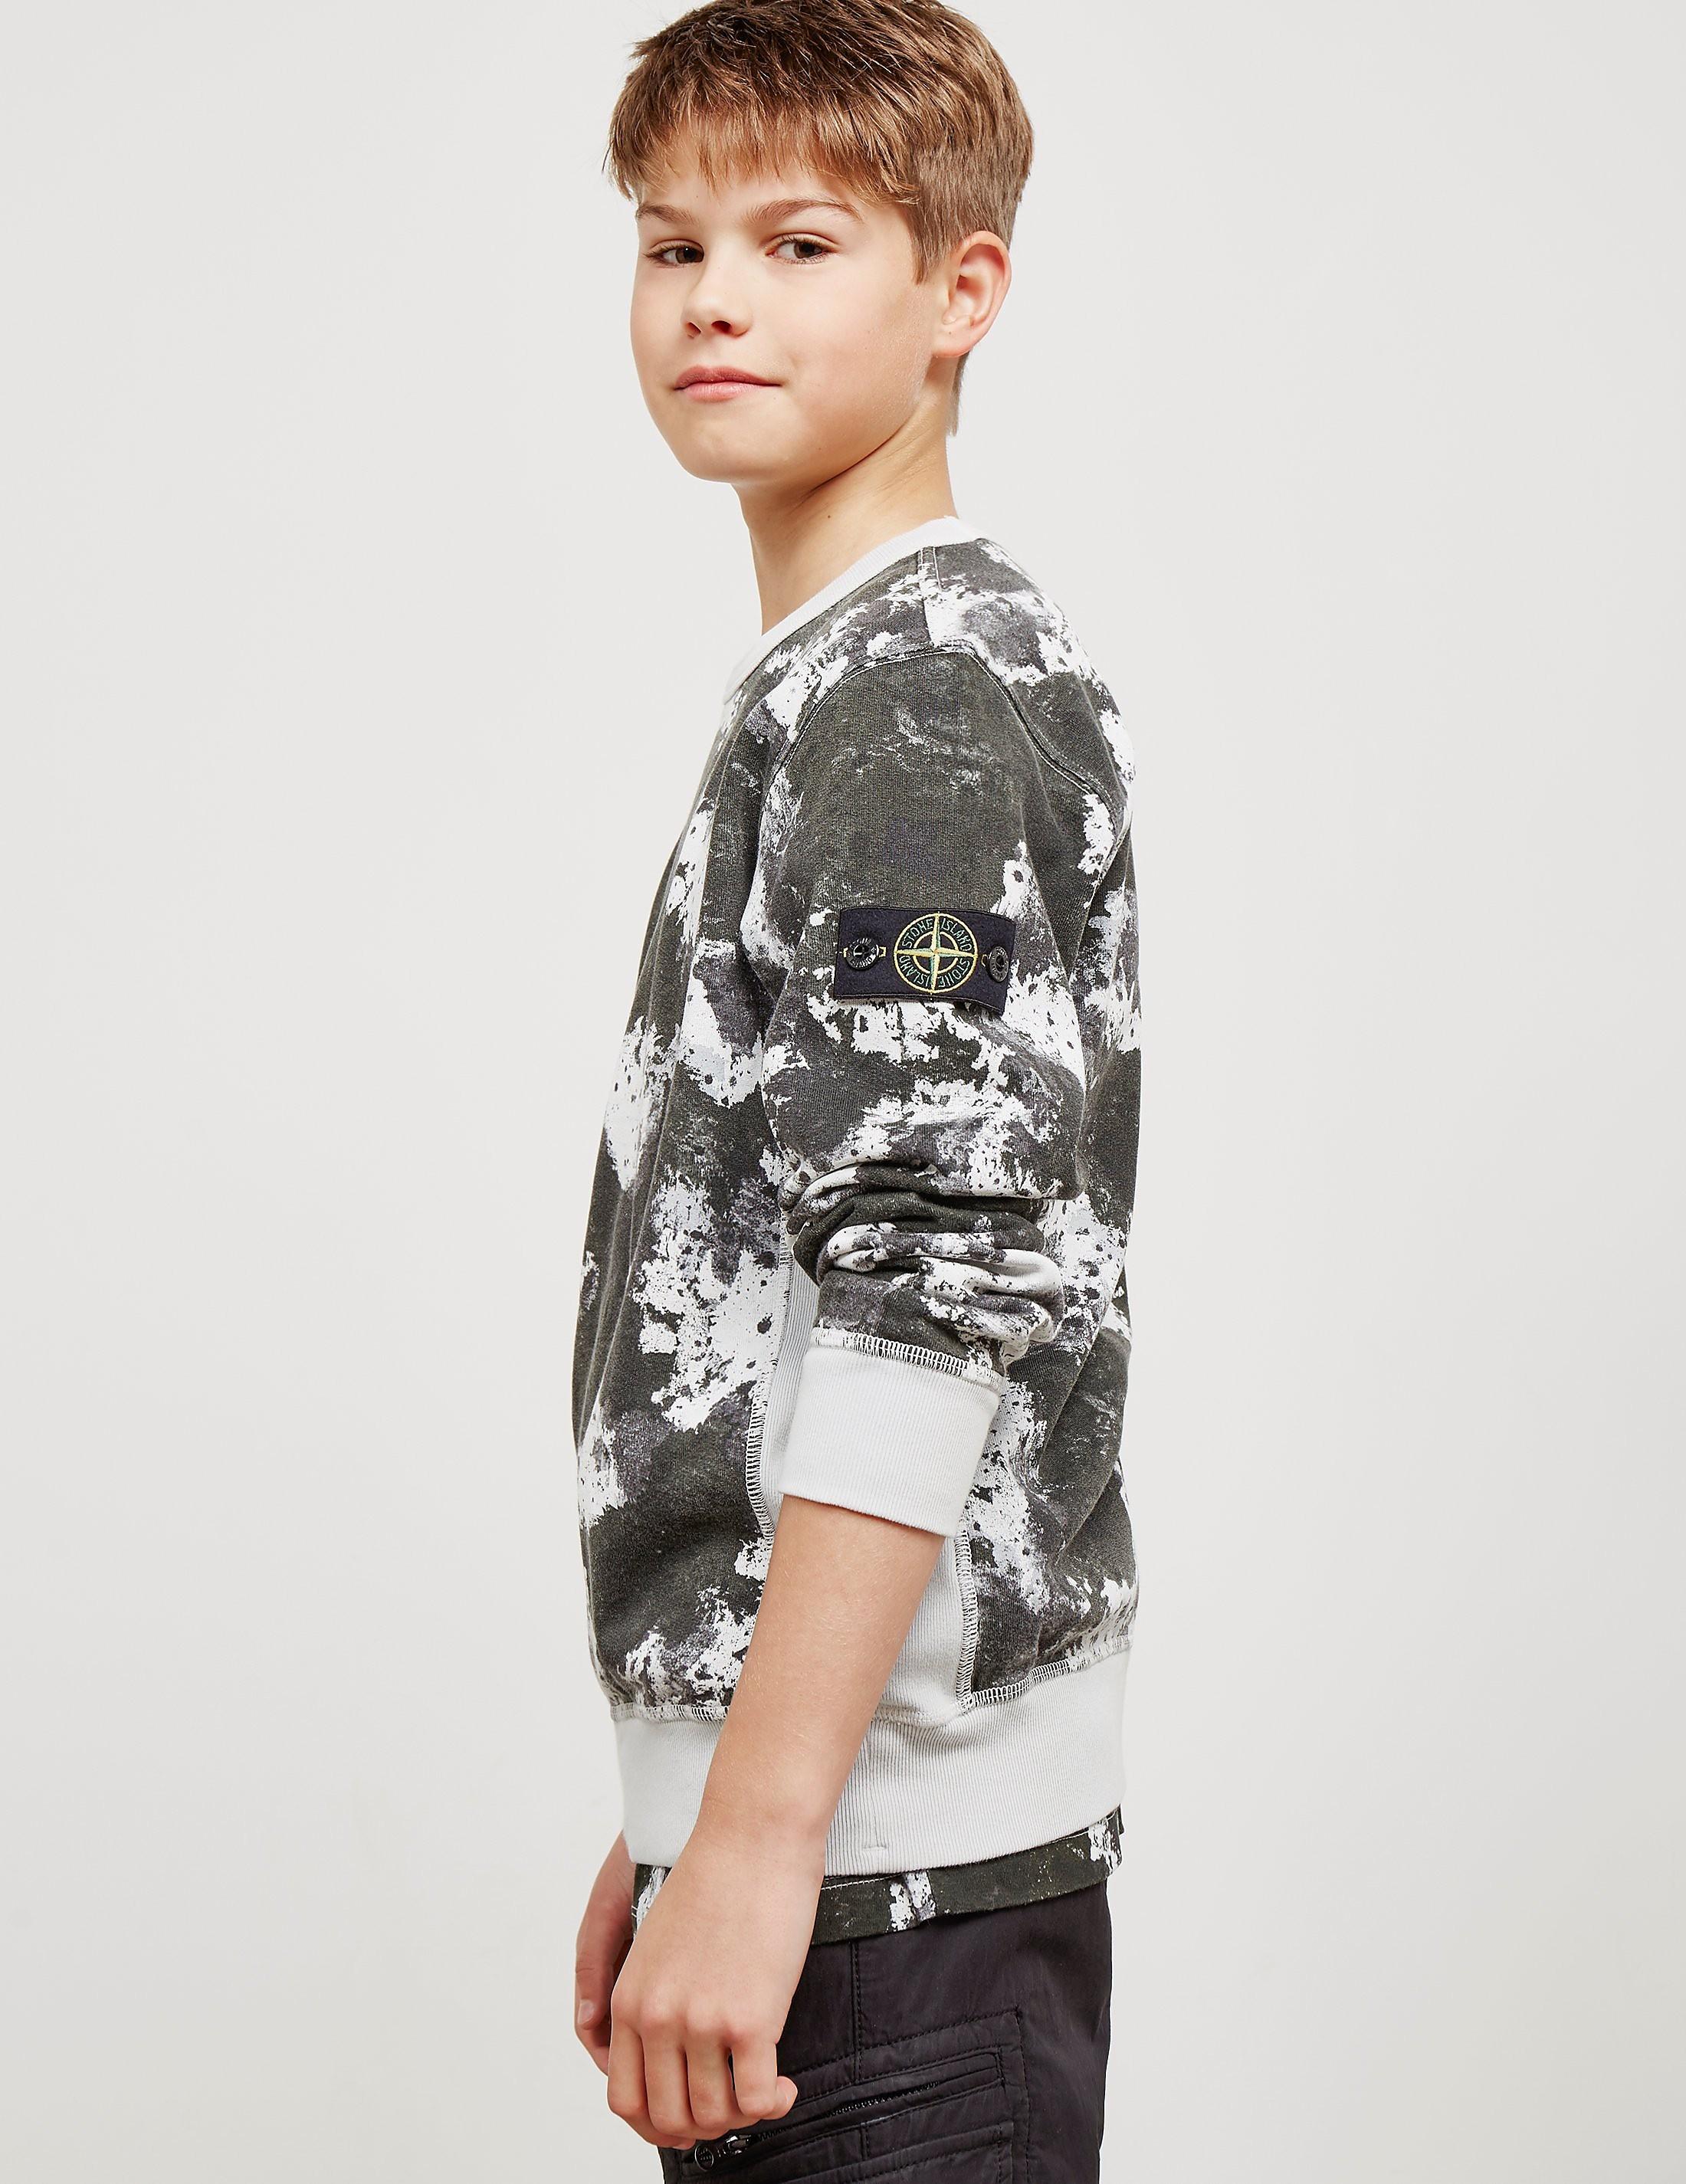 Stone Island Camouflage Sweatshirt